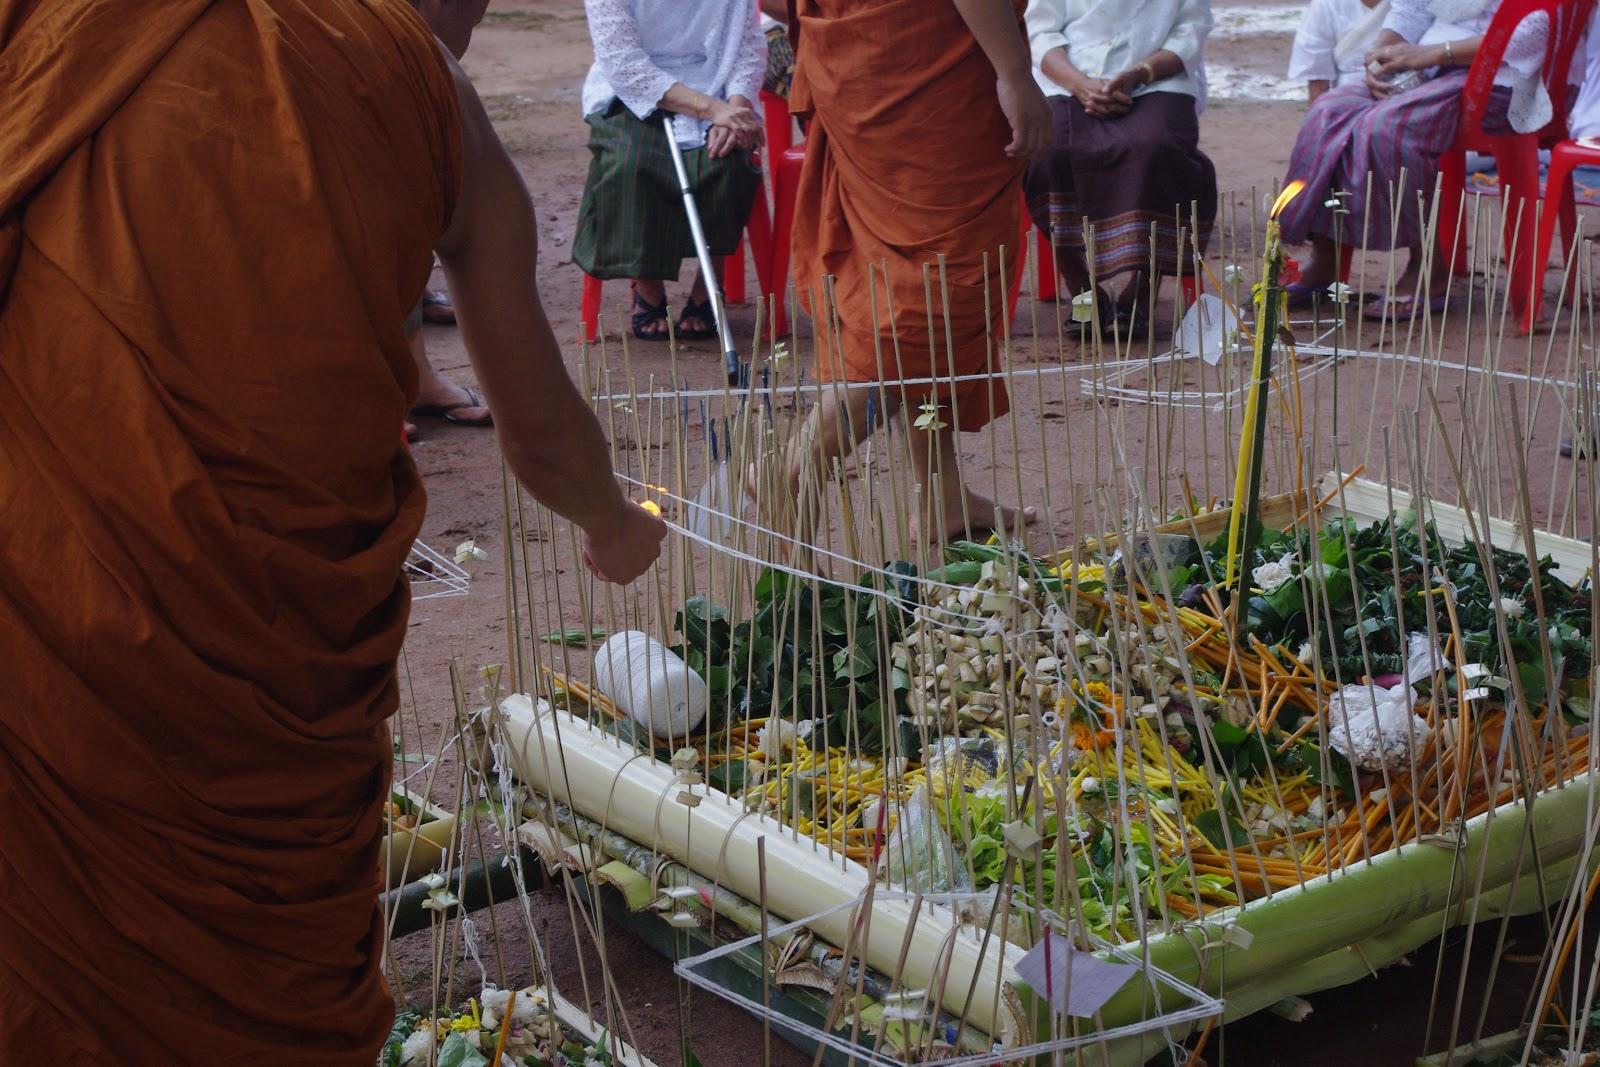 タイの人びと、タイの街角涙の連鎖 〜ピーターコーン祭のサムハ儀礼〜